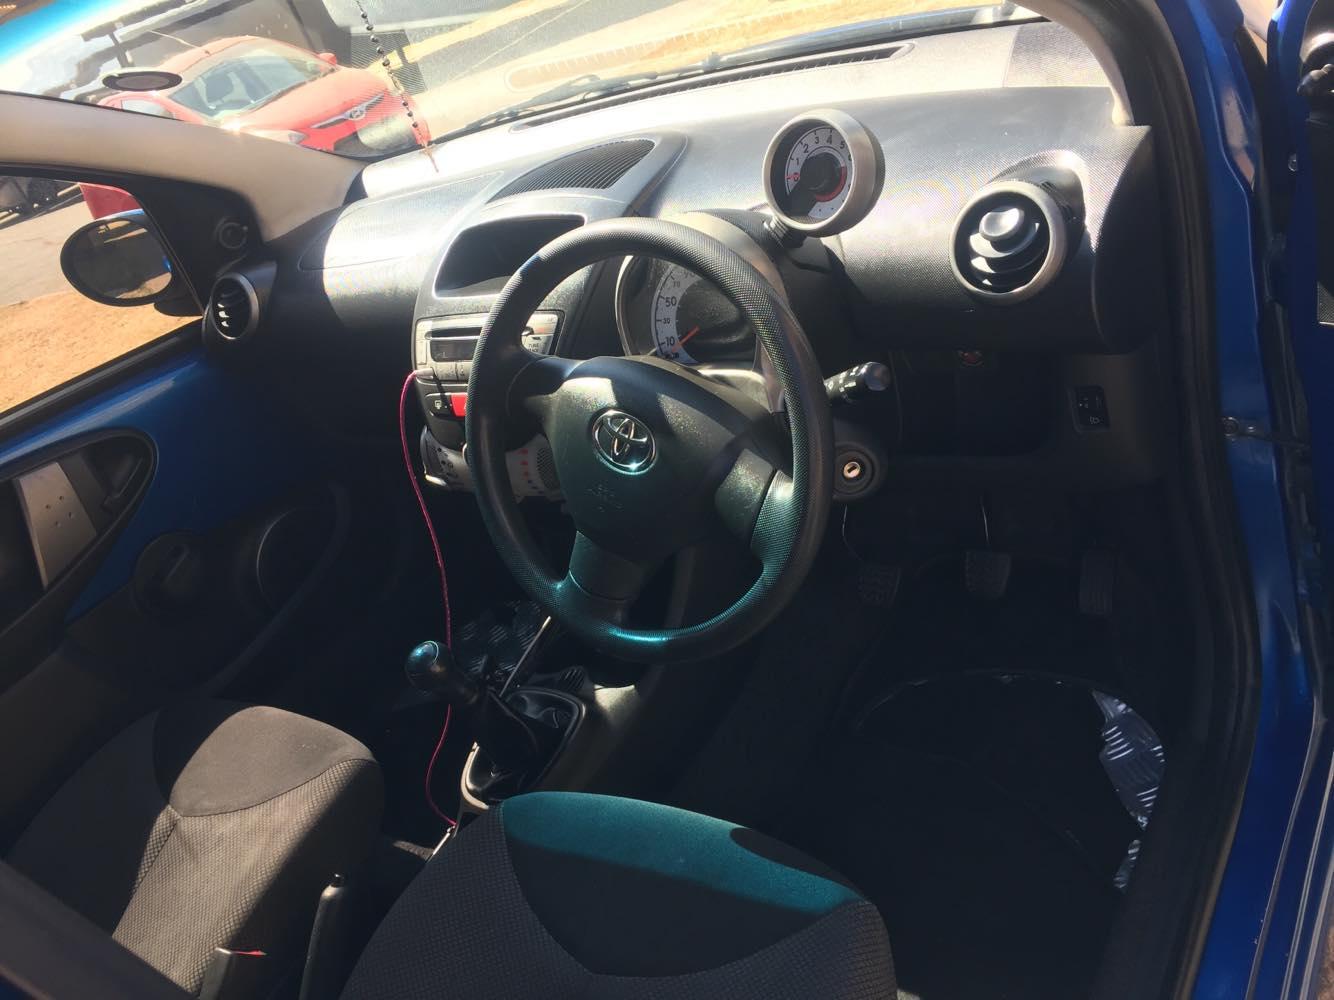 2014 Toyota Aygo hatch AYGO 1.0 (5DR)